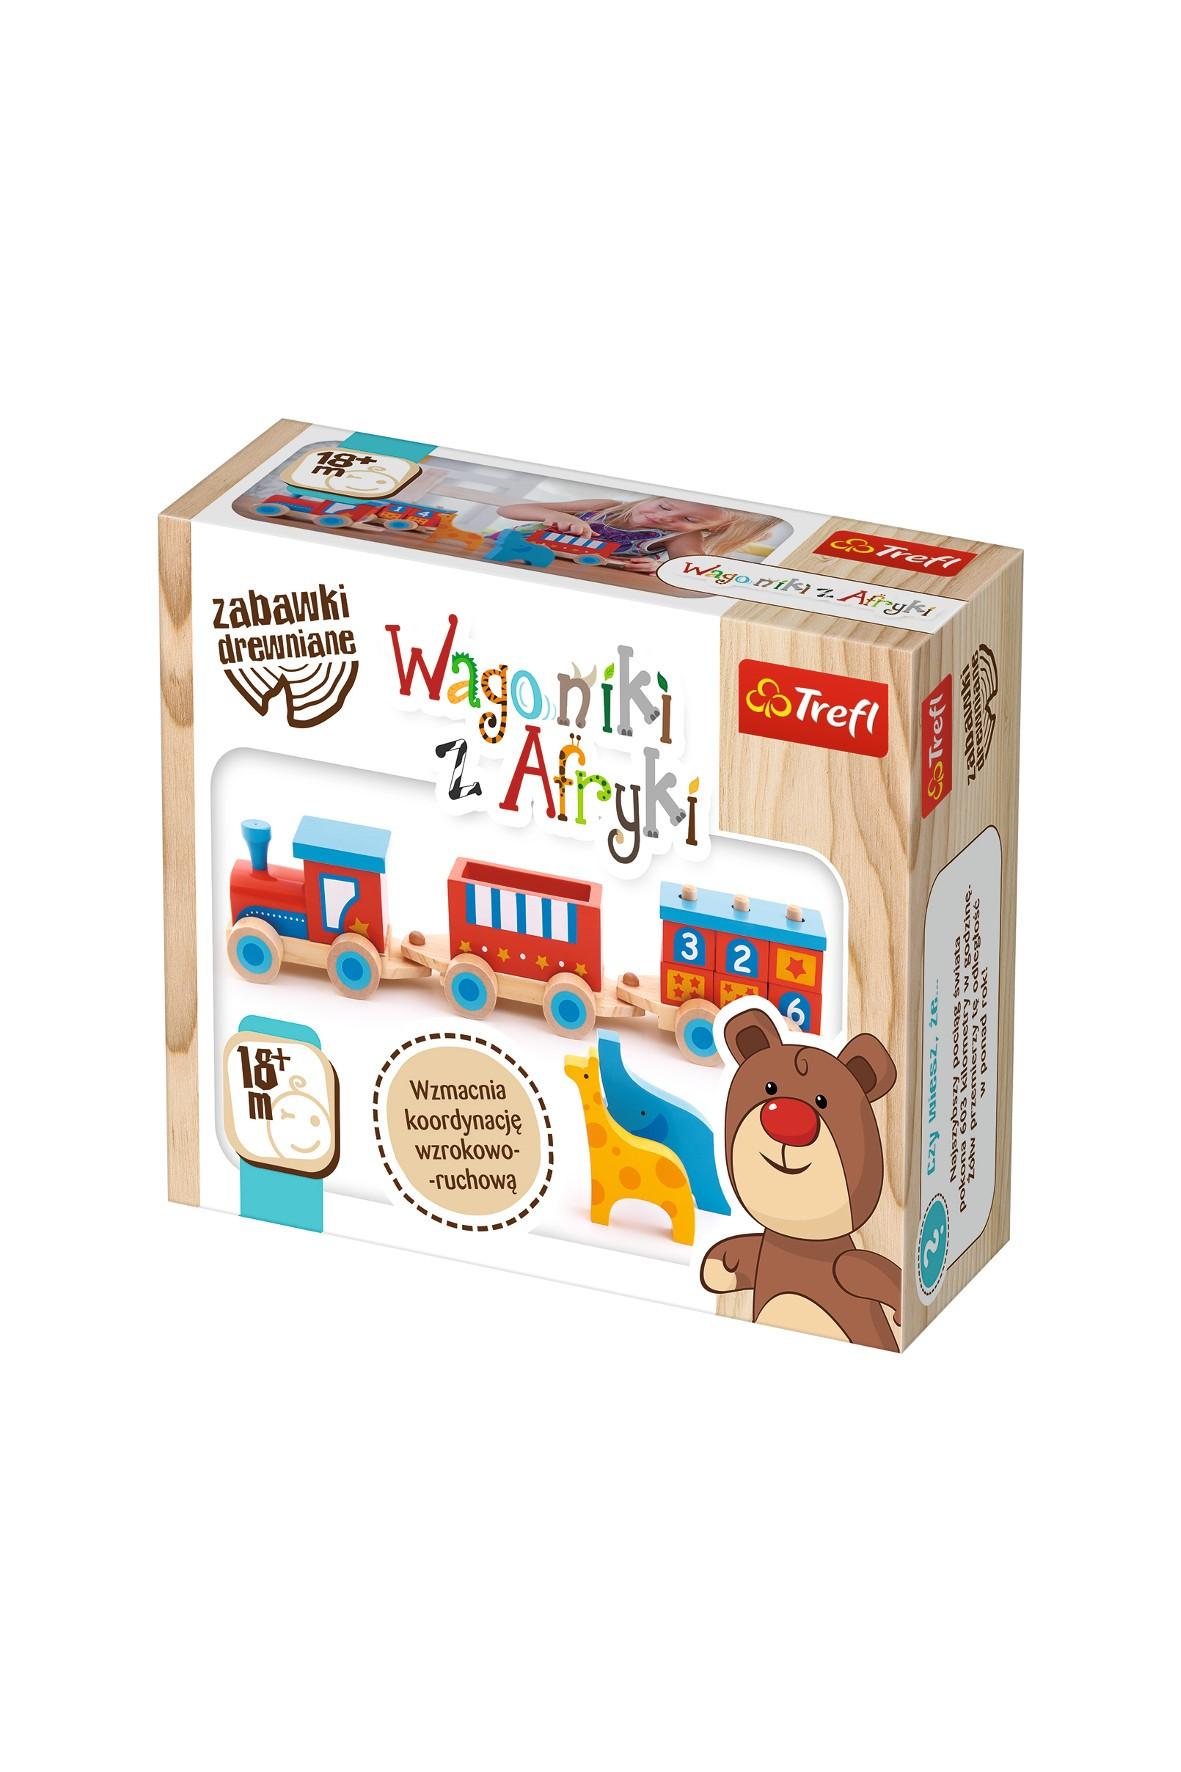 Wagoniki z Afryki Trefl -zabawka drewniana